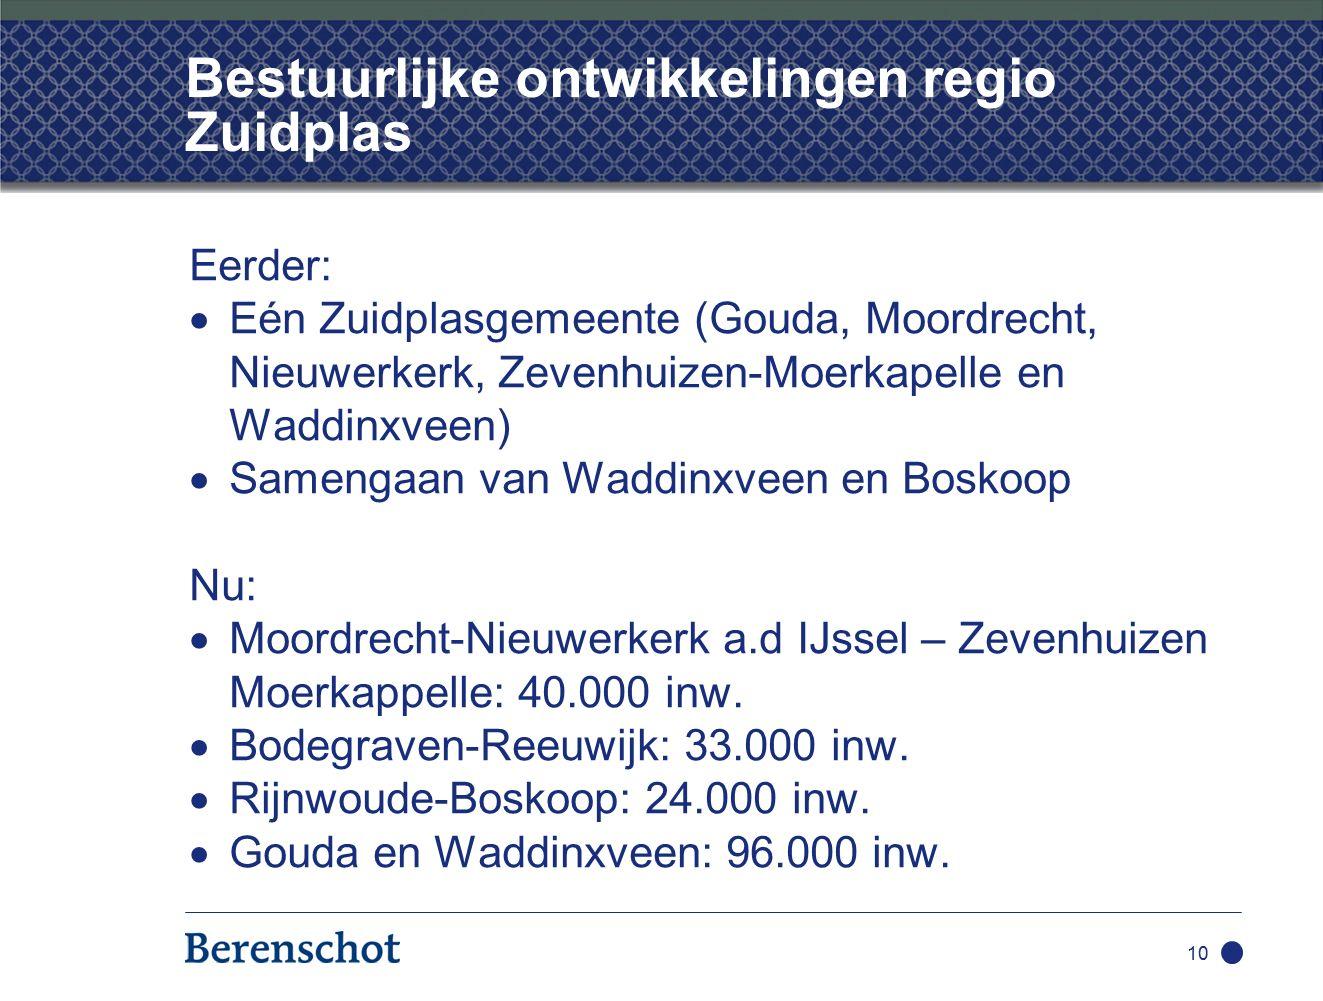 10 Bestuurlijke ontwikkelingen regio Zuidplas Eerder:  Eén Zuidplasgemeente (Gouda, Moordrecht, Nieuwerkerk, Zevenhuizen-Moerkapelle en Waddinxveen)  Samengaan van Waddinxveen en Boskoop Nu:  Moordrecht-Nieuwerkerk a.d IJssel – Zevenhuizen Moerkappelle: 40.000 inw.